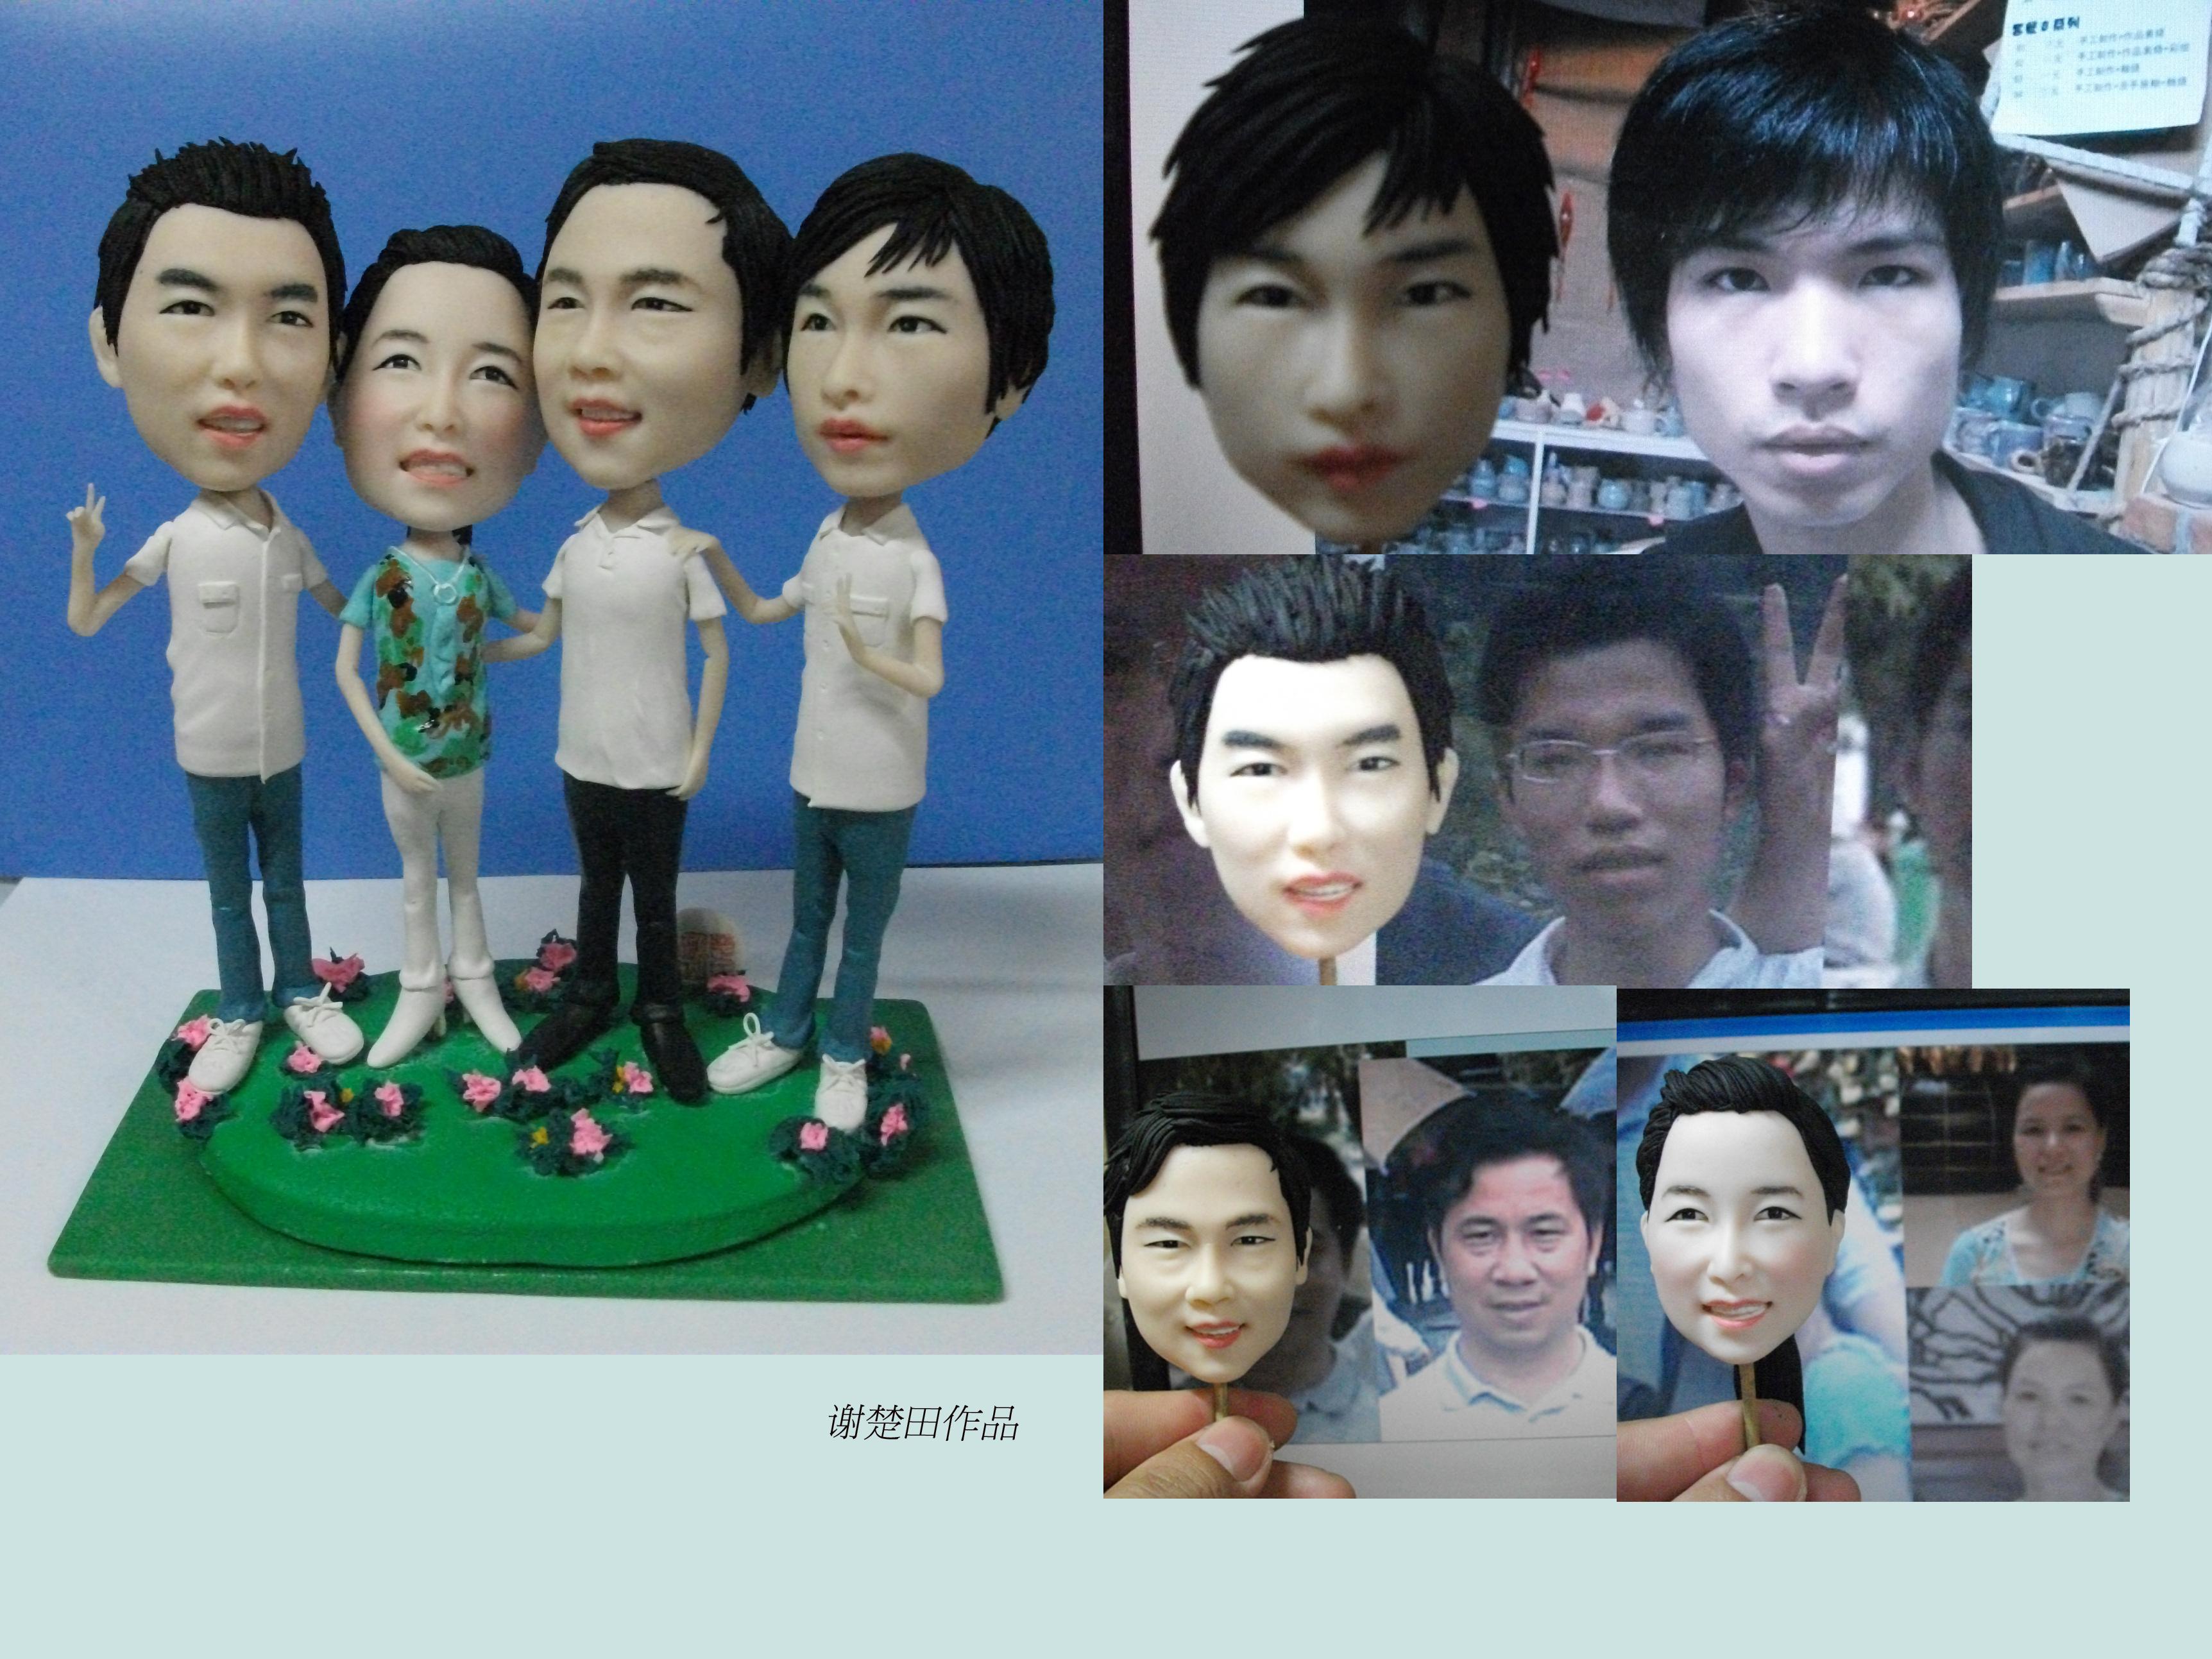 http://www.chutiangift.com/uploads/140618/5-14061Q1531B50.jpg_肖像,泥塑,q版人像|其他|其他|xiechutian - 原创作品